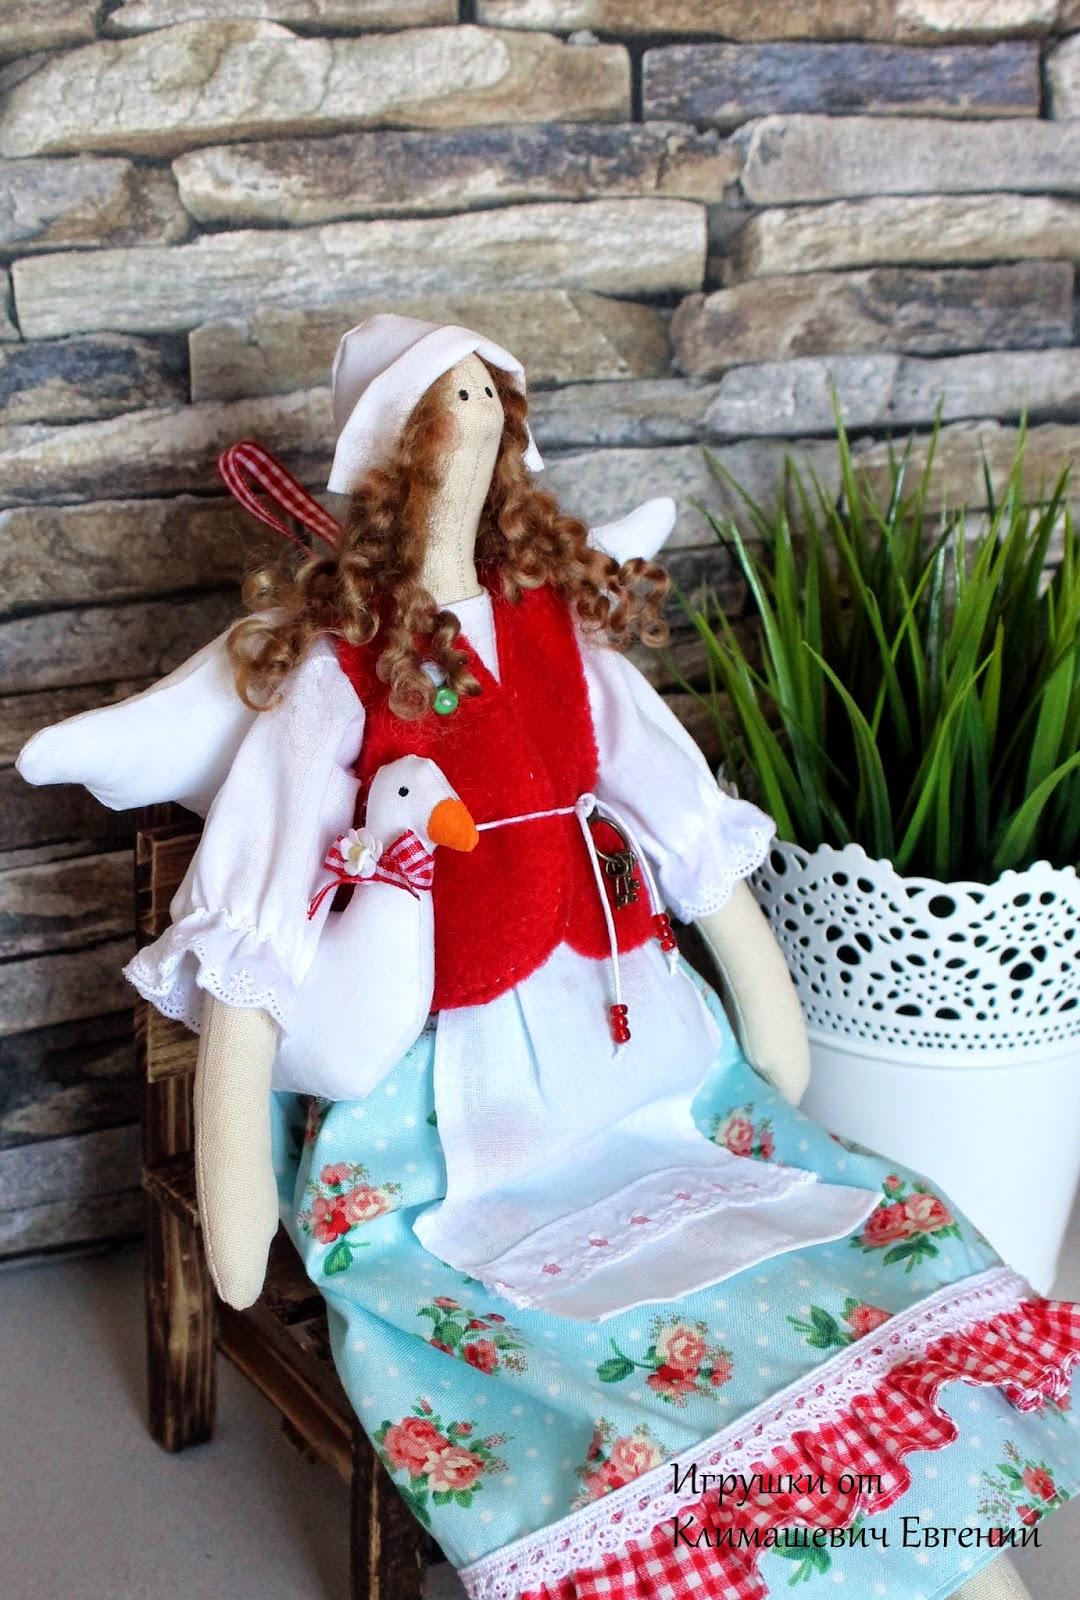 Тильда, кукла тильда, кукла,купить куклу, игрушки, тильда ангел, купить тильду, тильда в новосибирске, куклы ручной работы, интерьерные куклы, текстильные куклы